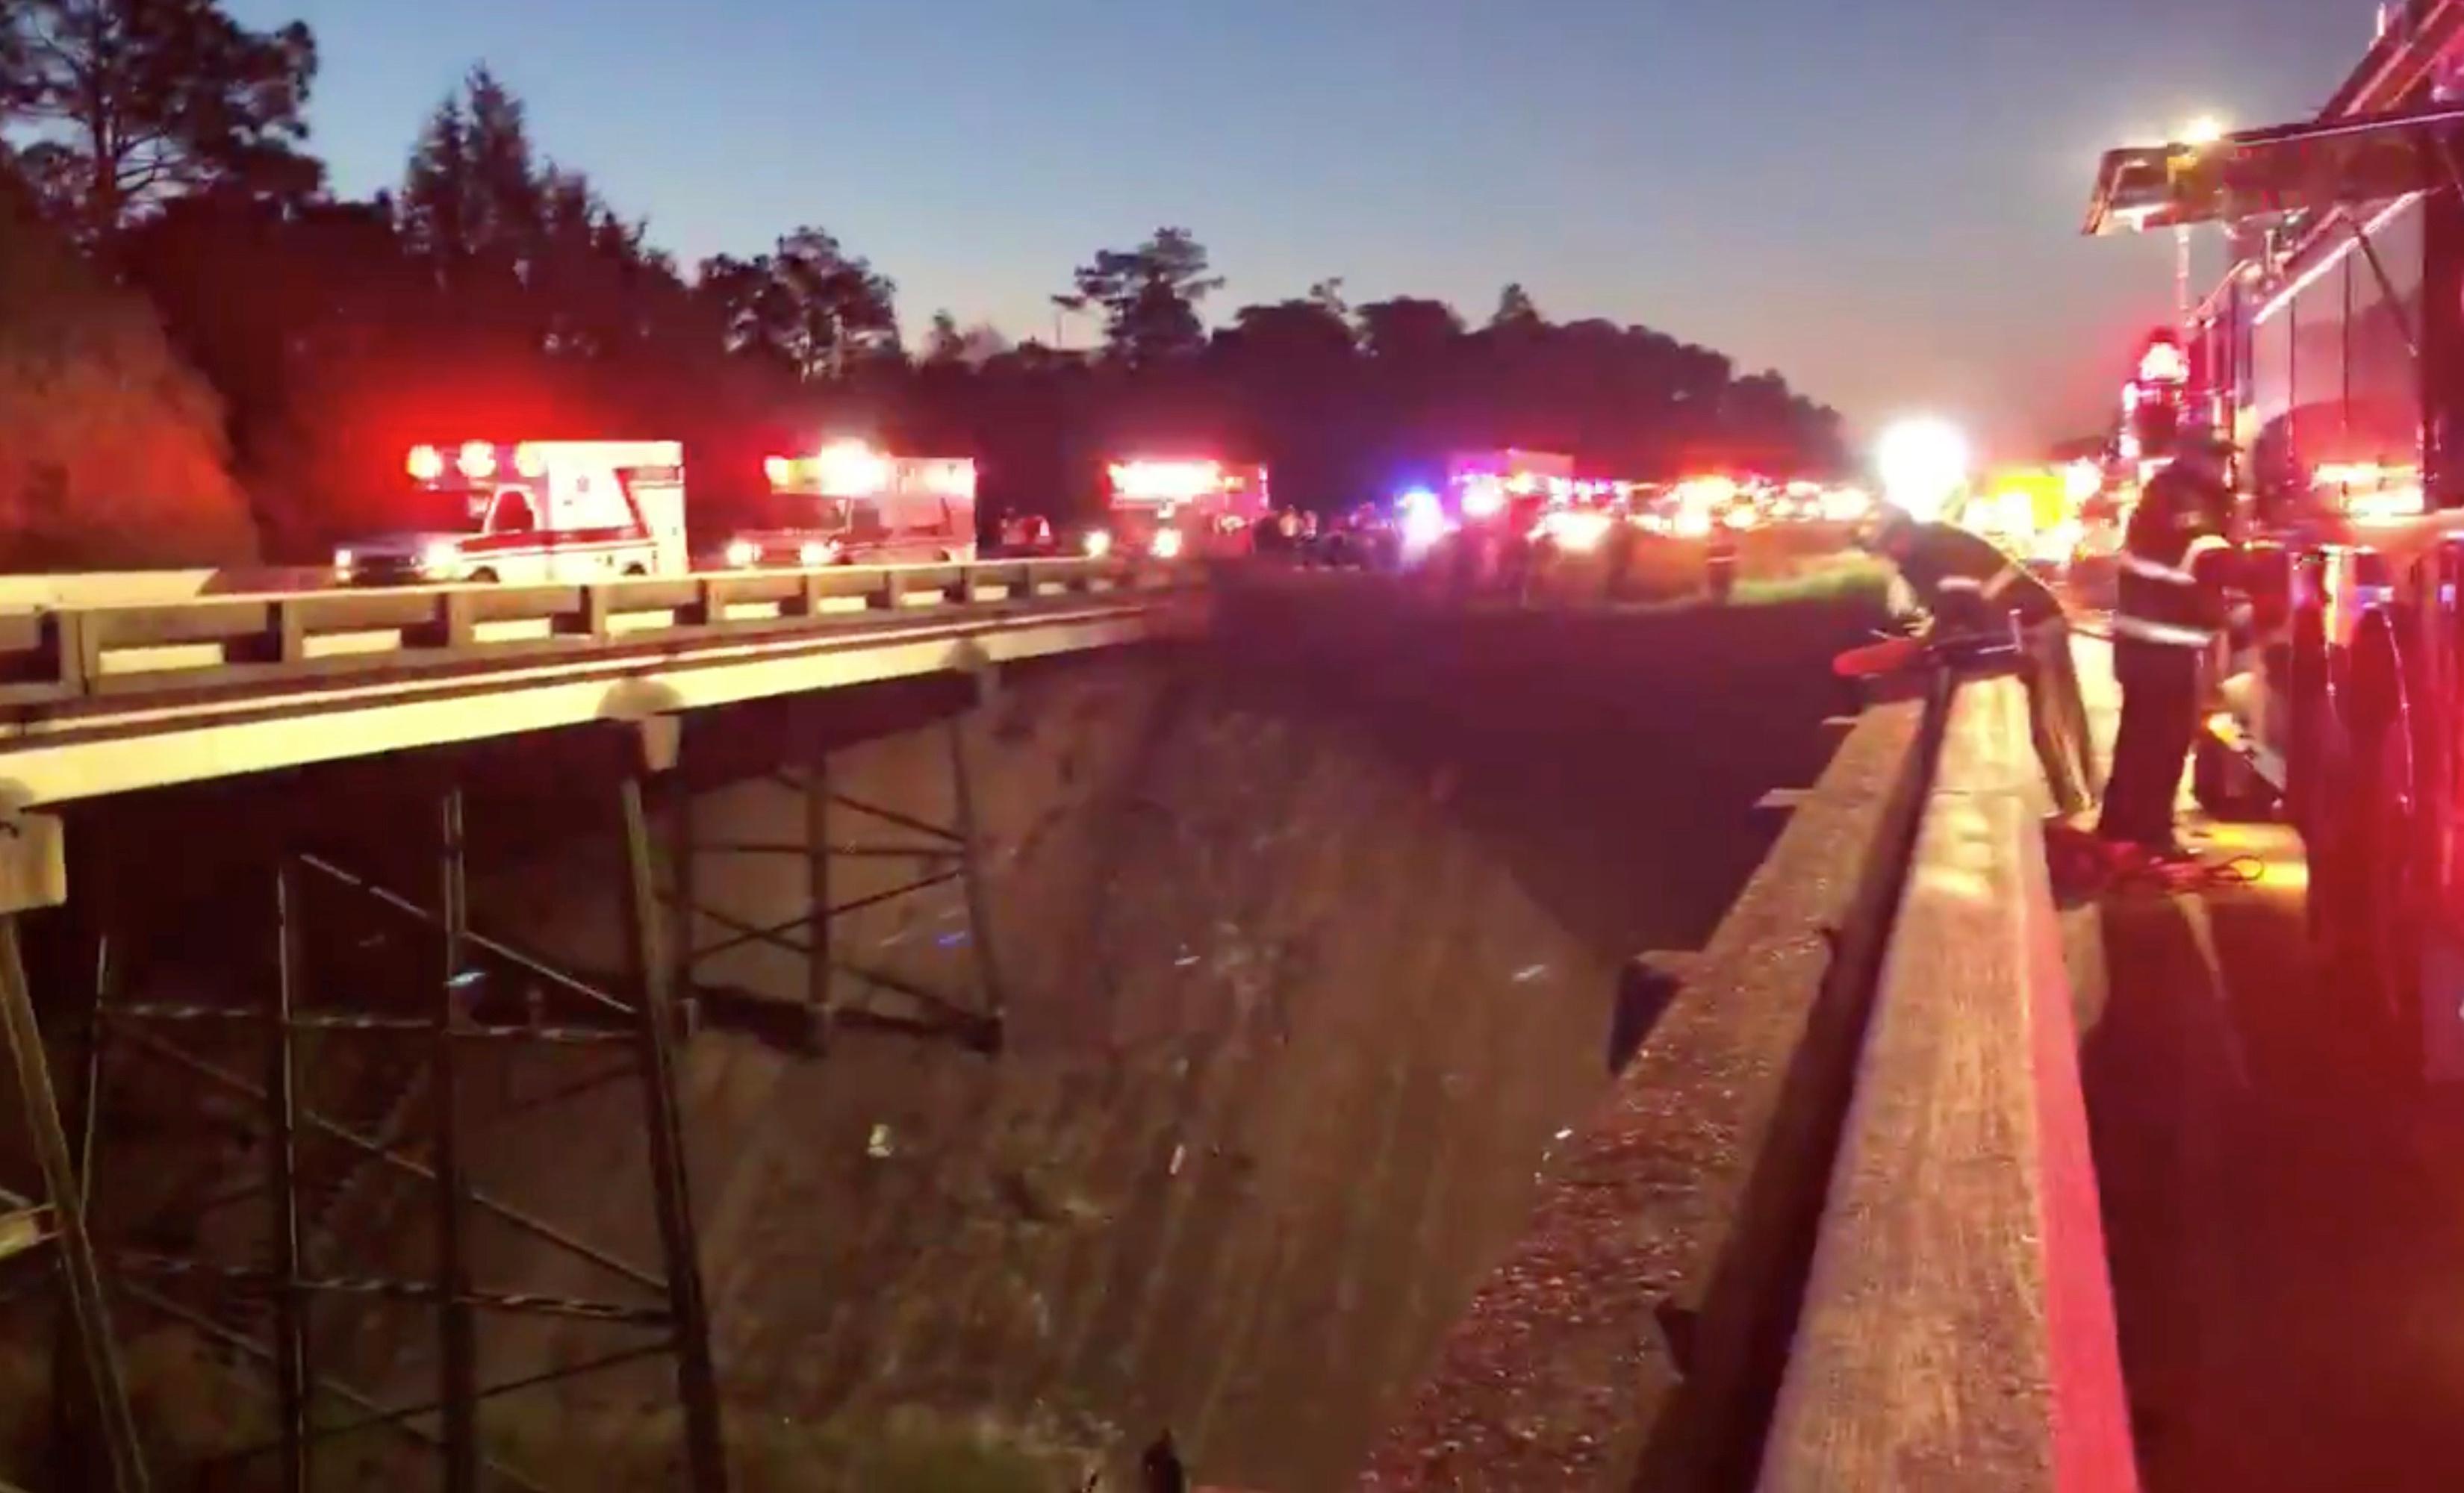 مصرع شخص وإصابة 12 آخرين جراء سقوط حافلة تقل طلاب فى واد بأمريكا